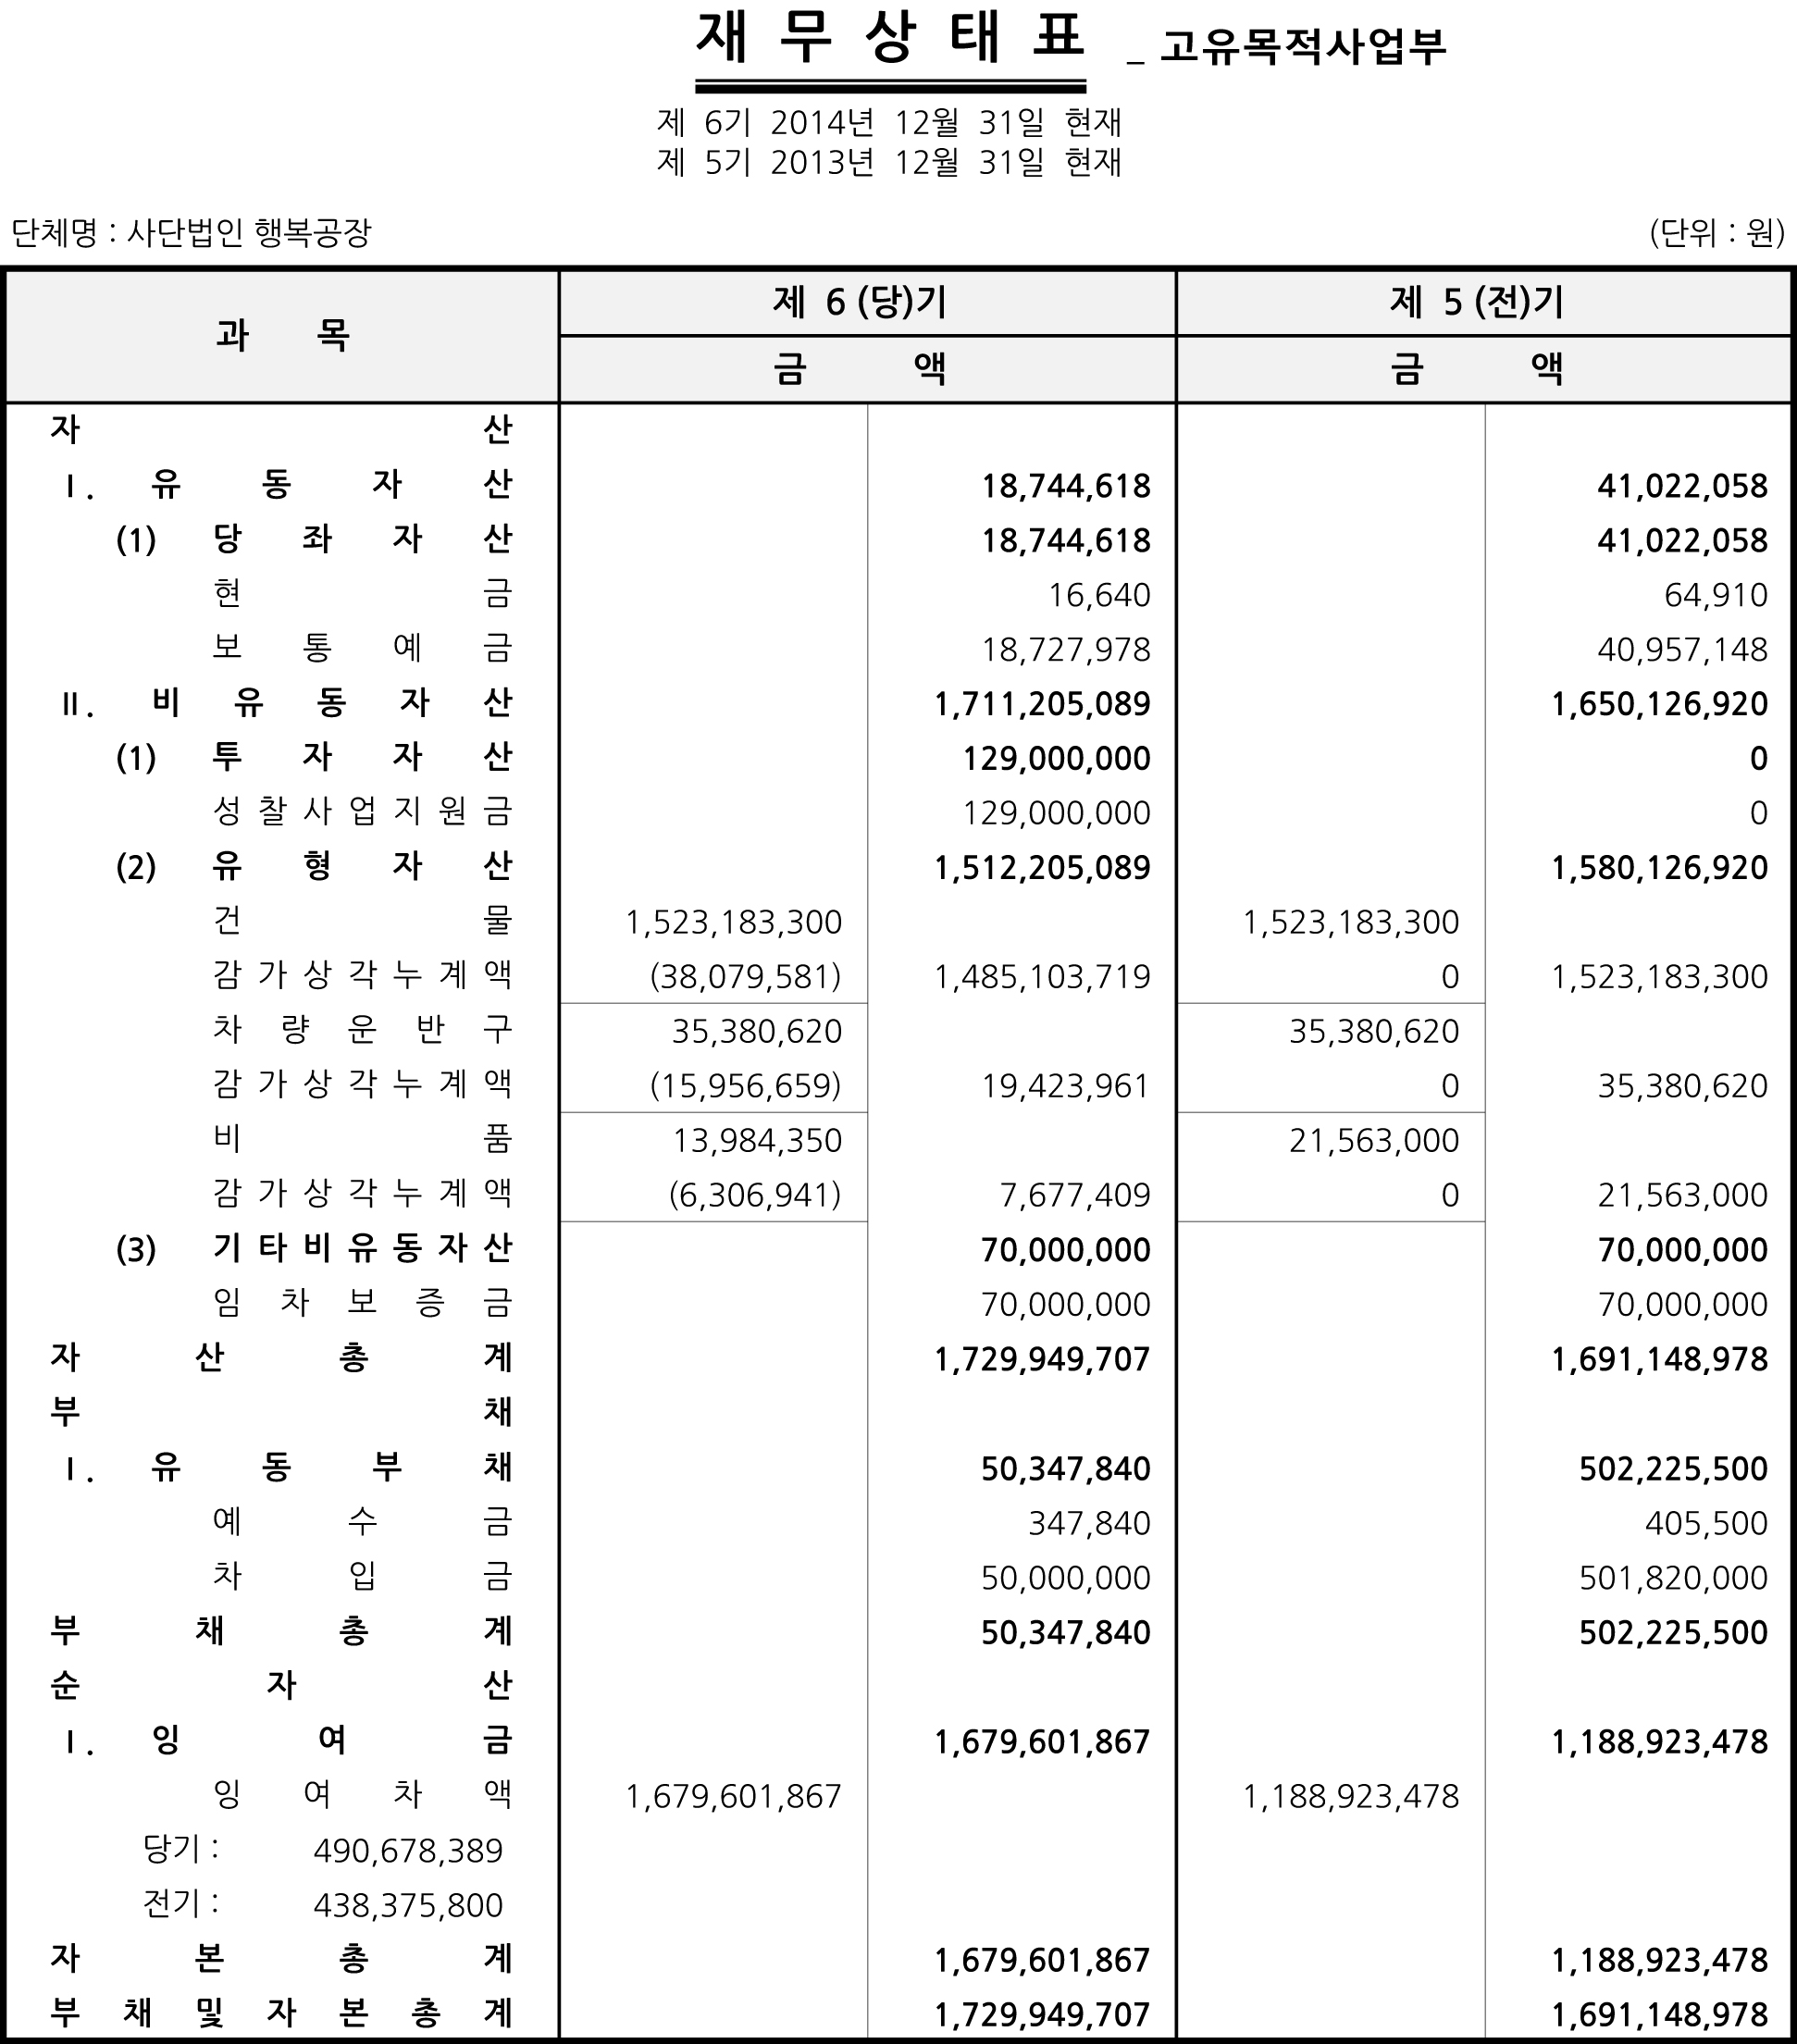 서울재무재표2014.jpg